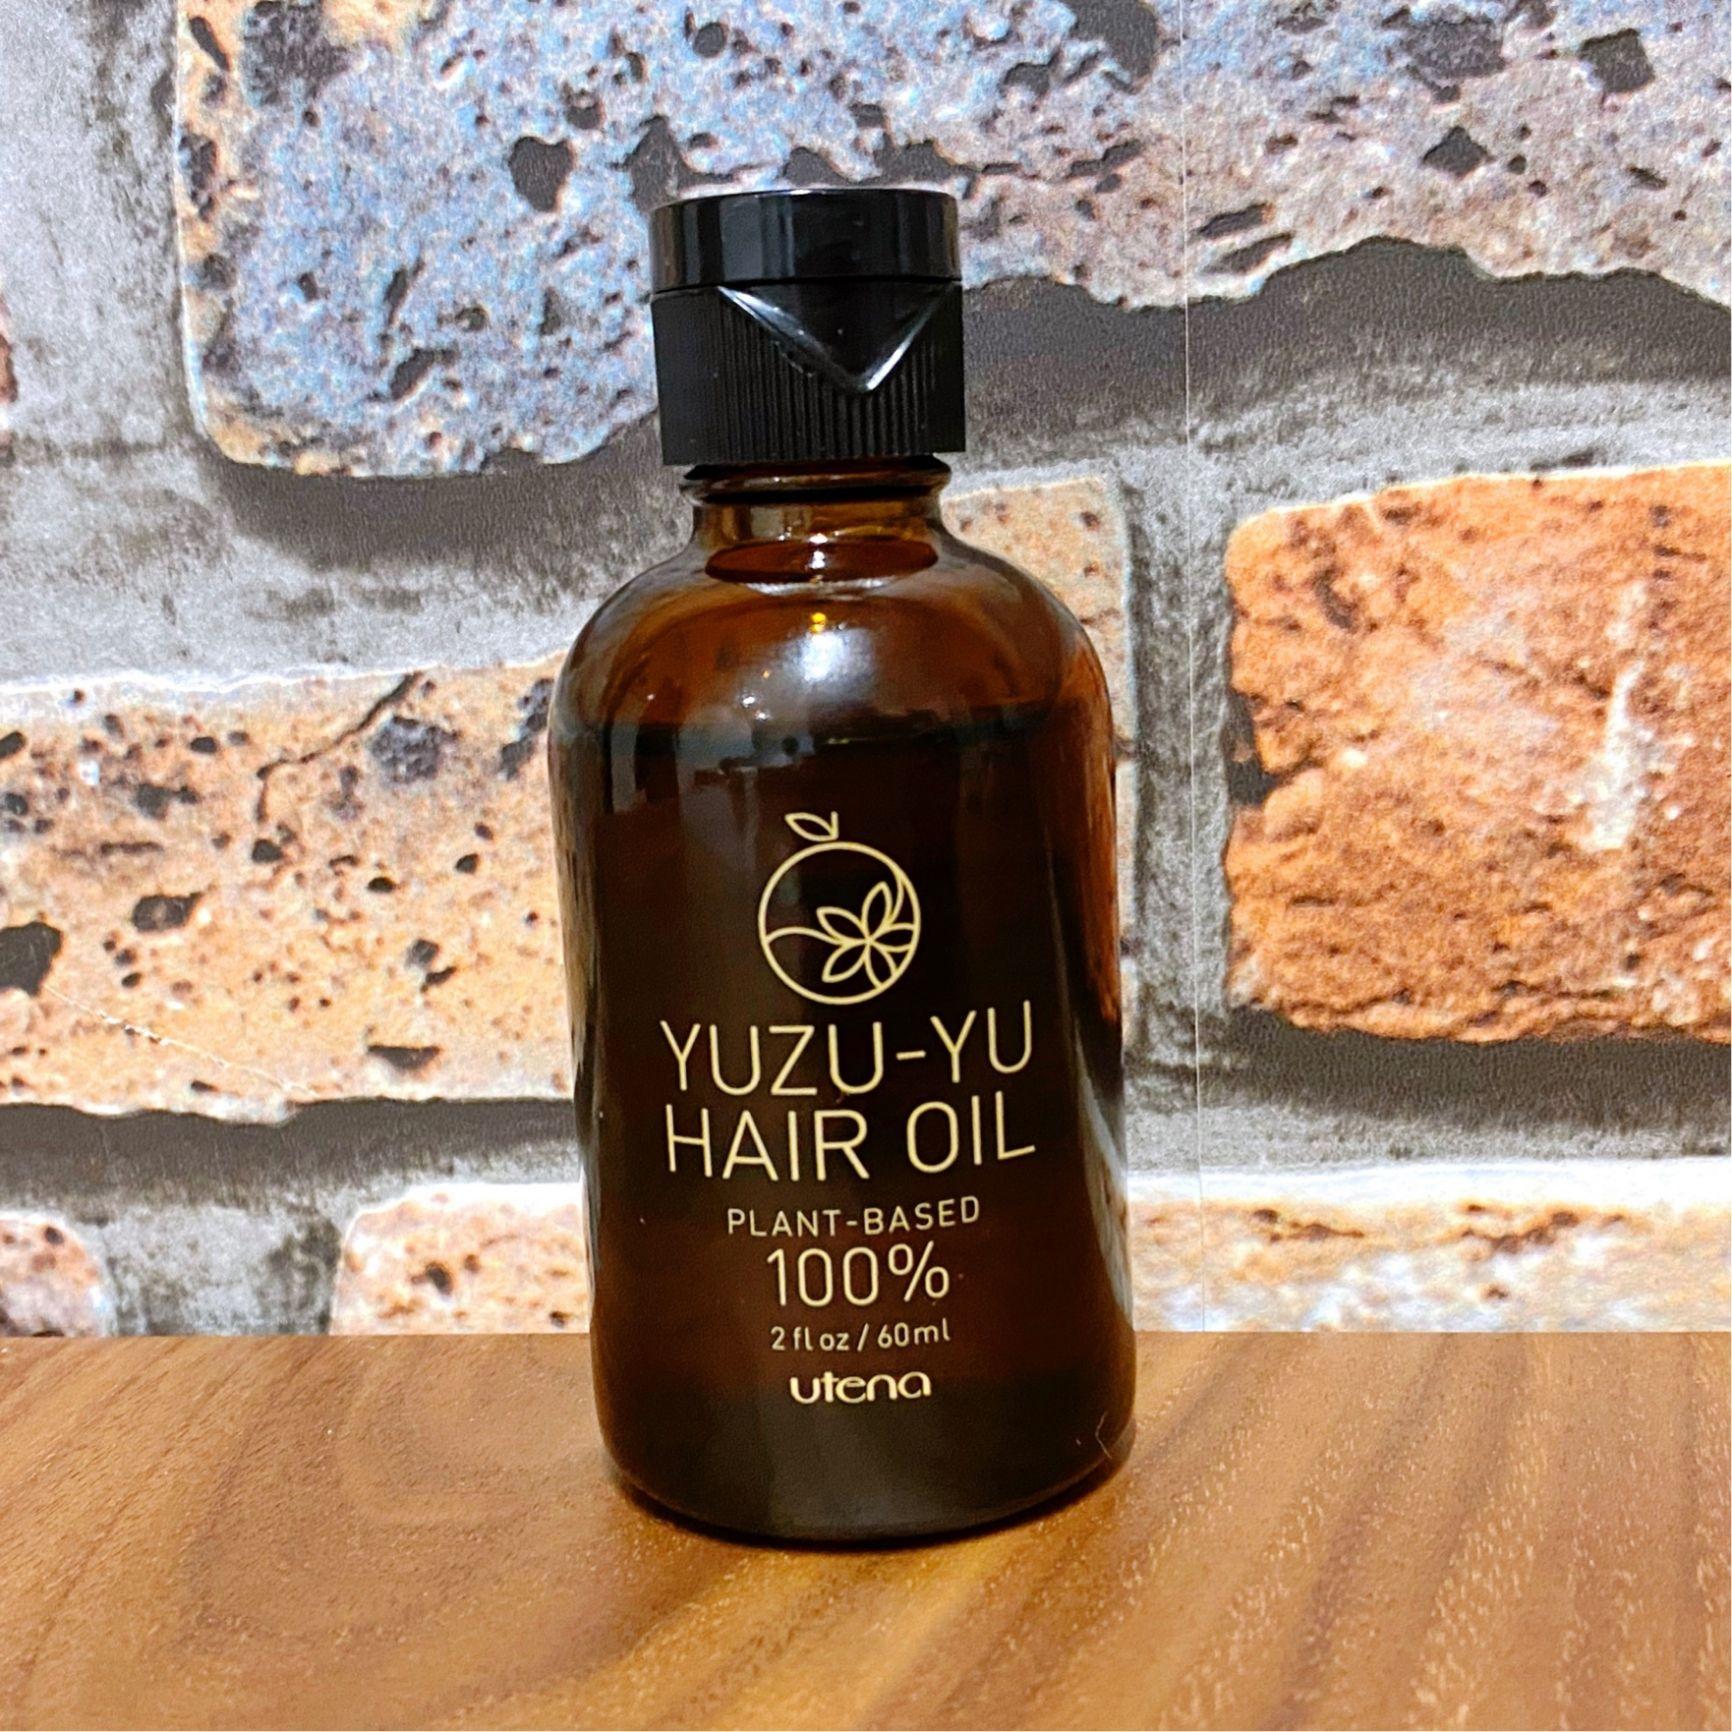 ゆず油 無添加ヘアオイル ゆずの香りがふわっと香って癒される 片手